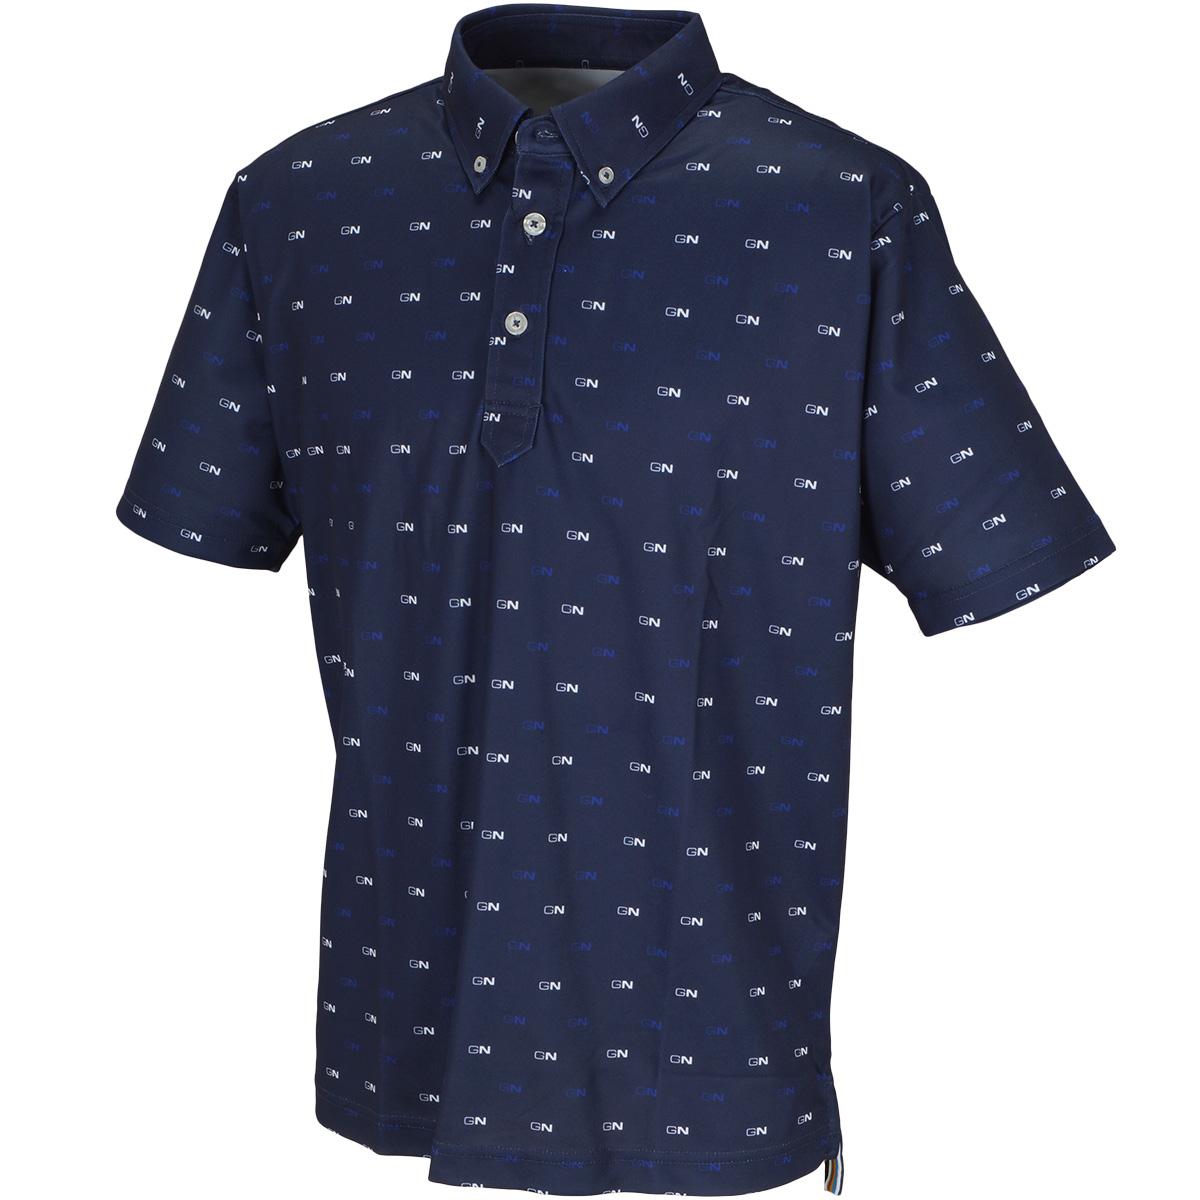 GN小紋柄 半袖ボタンダウンポロシャツ